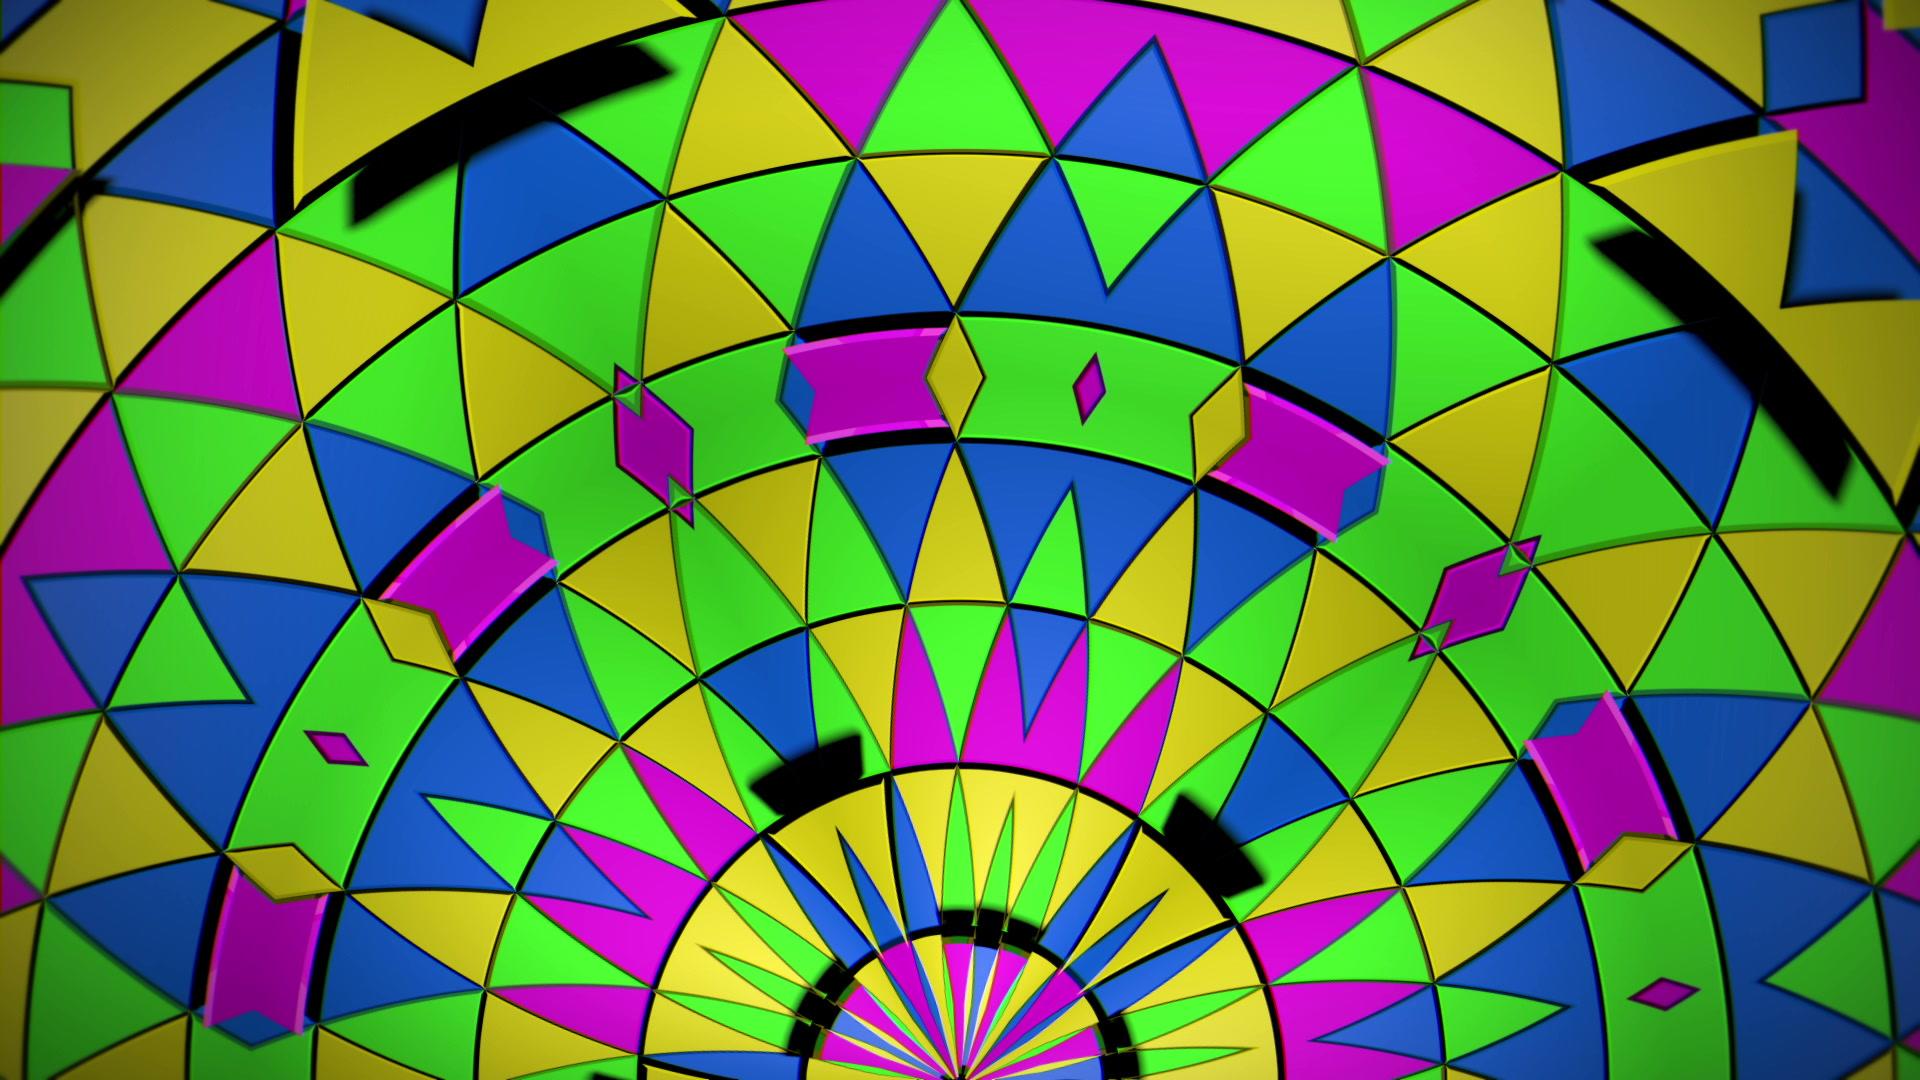 vj video background Kids-Floor-VJ-Loop-LIMEART_003